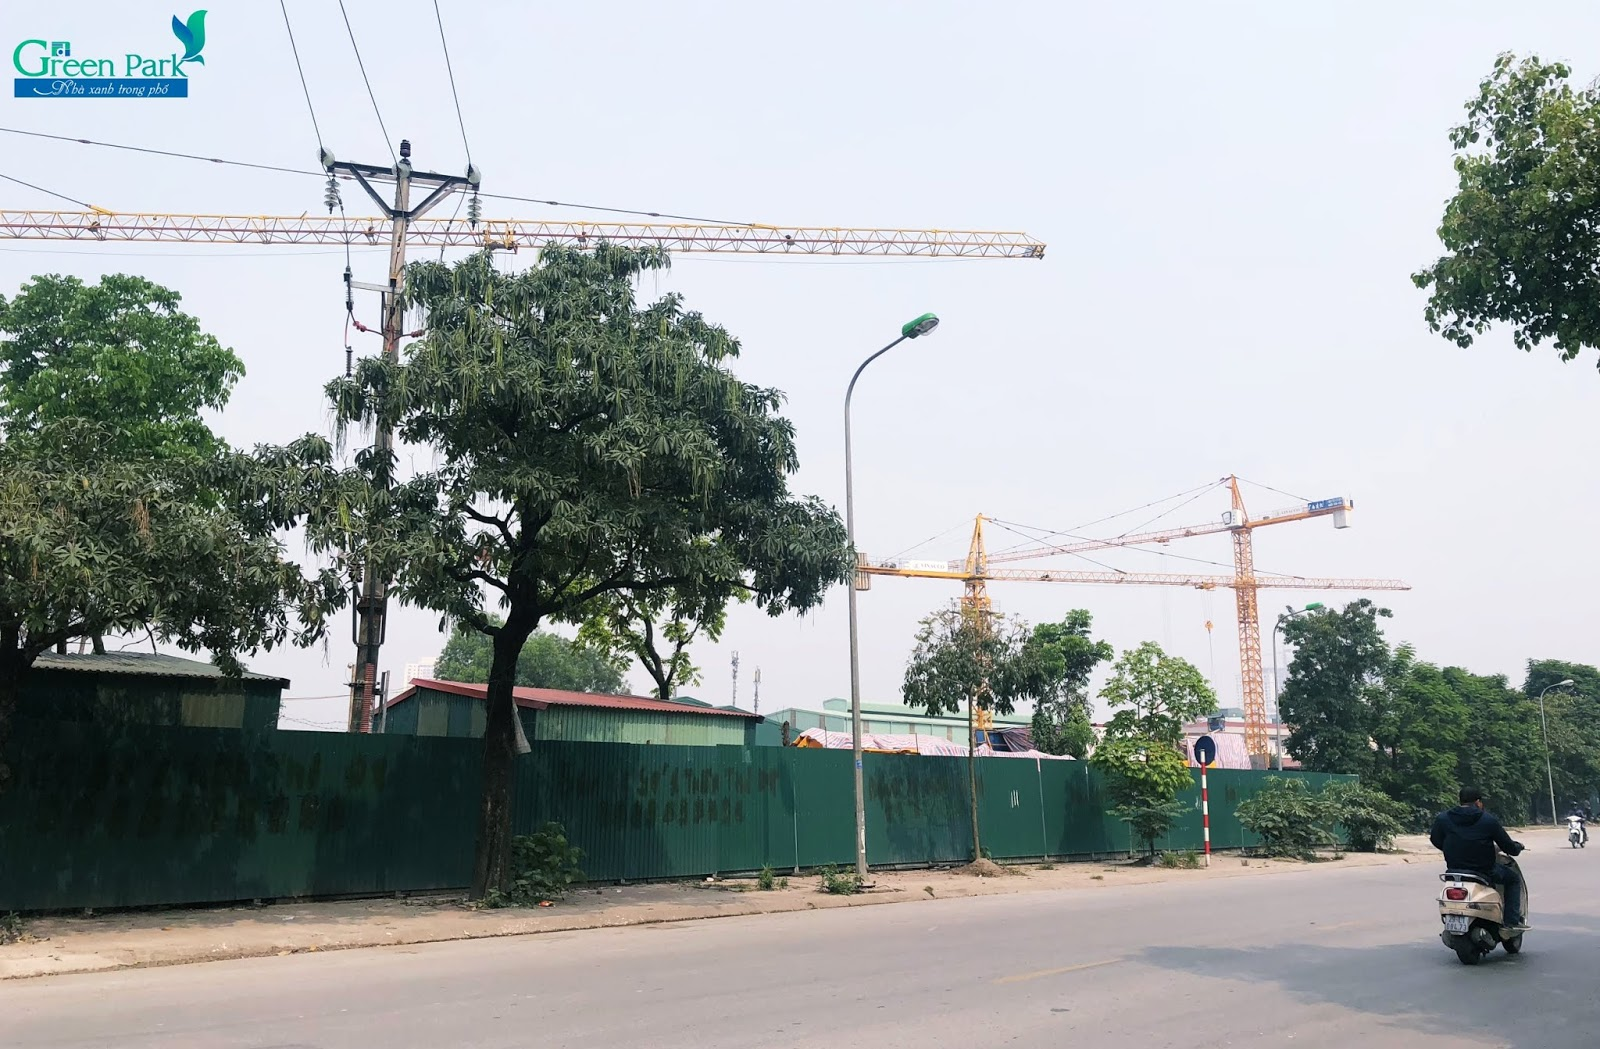 Hình ảnh xung quanh của dự án số 1 Trần Thủ Độ